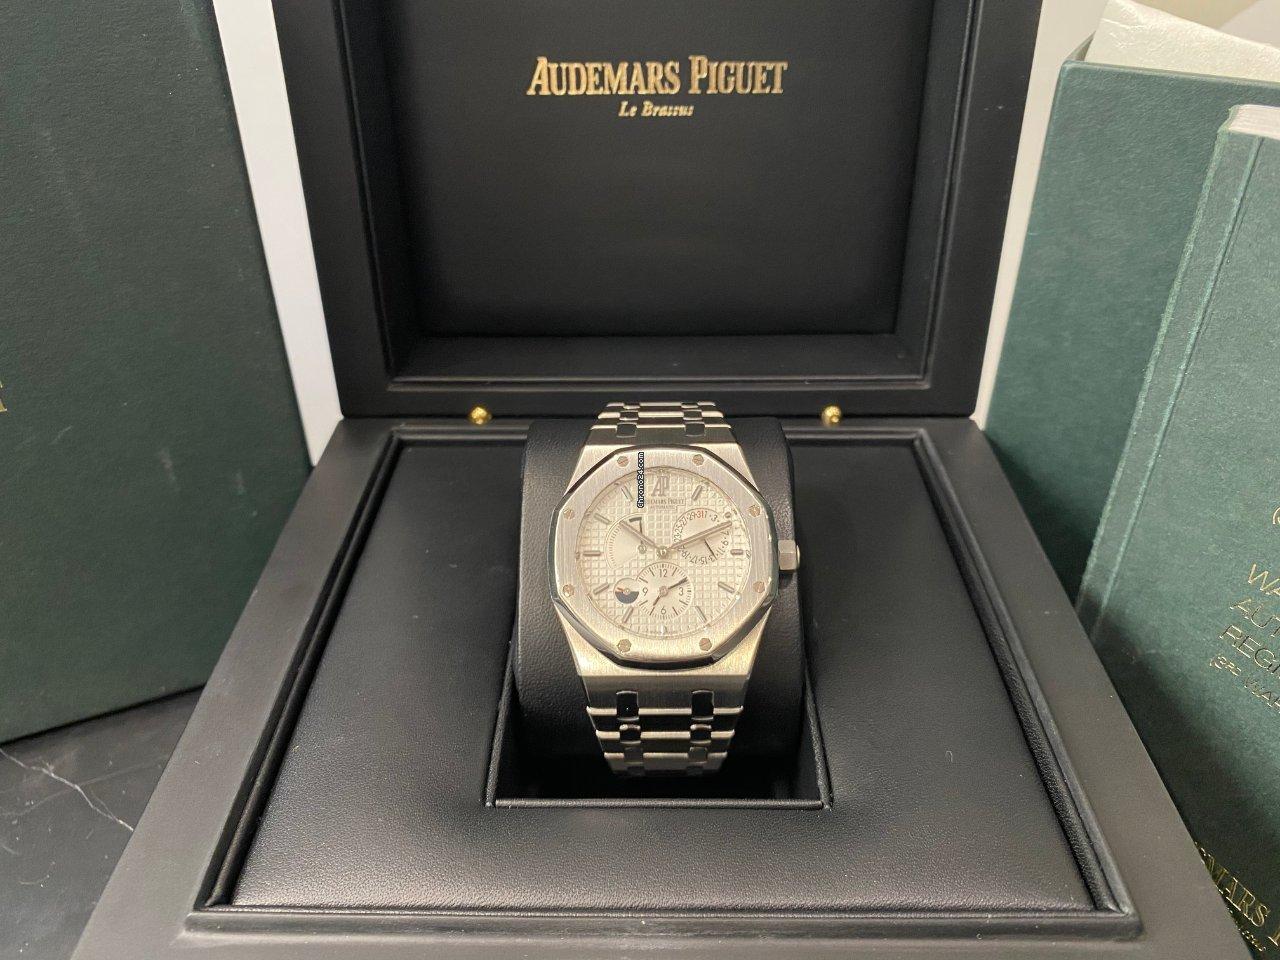 Audemars Piguet Royal Oak Dual Time 26120ST.OO.1220ST.01 2016 gebraucht